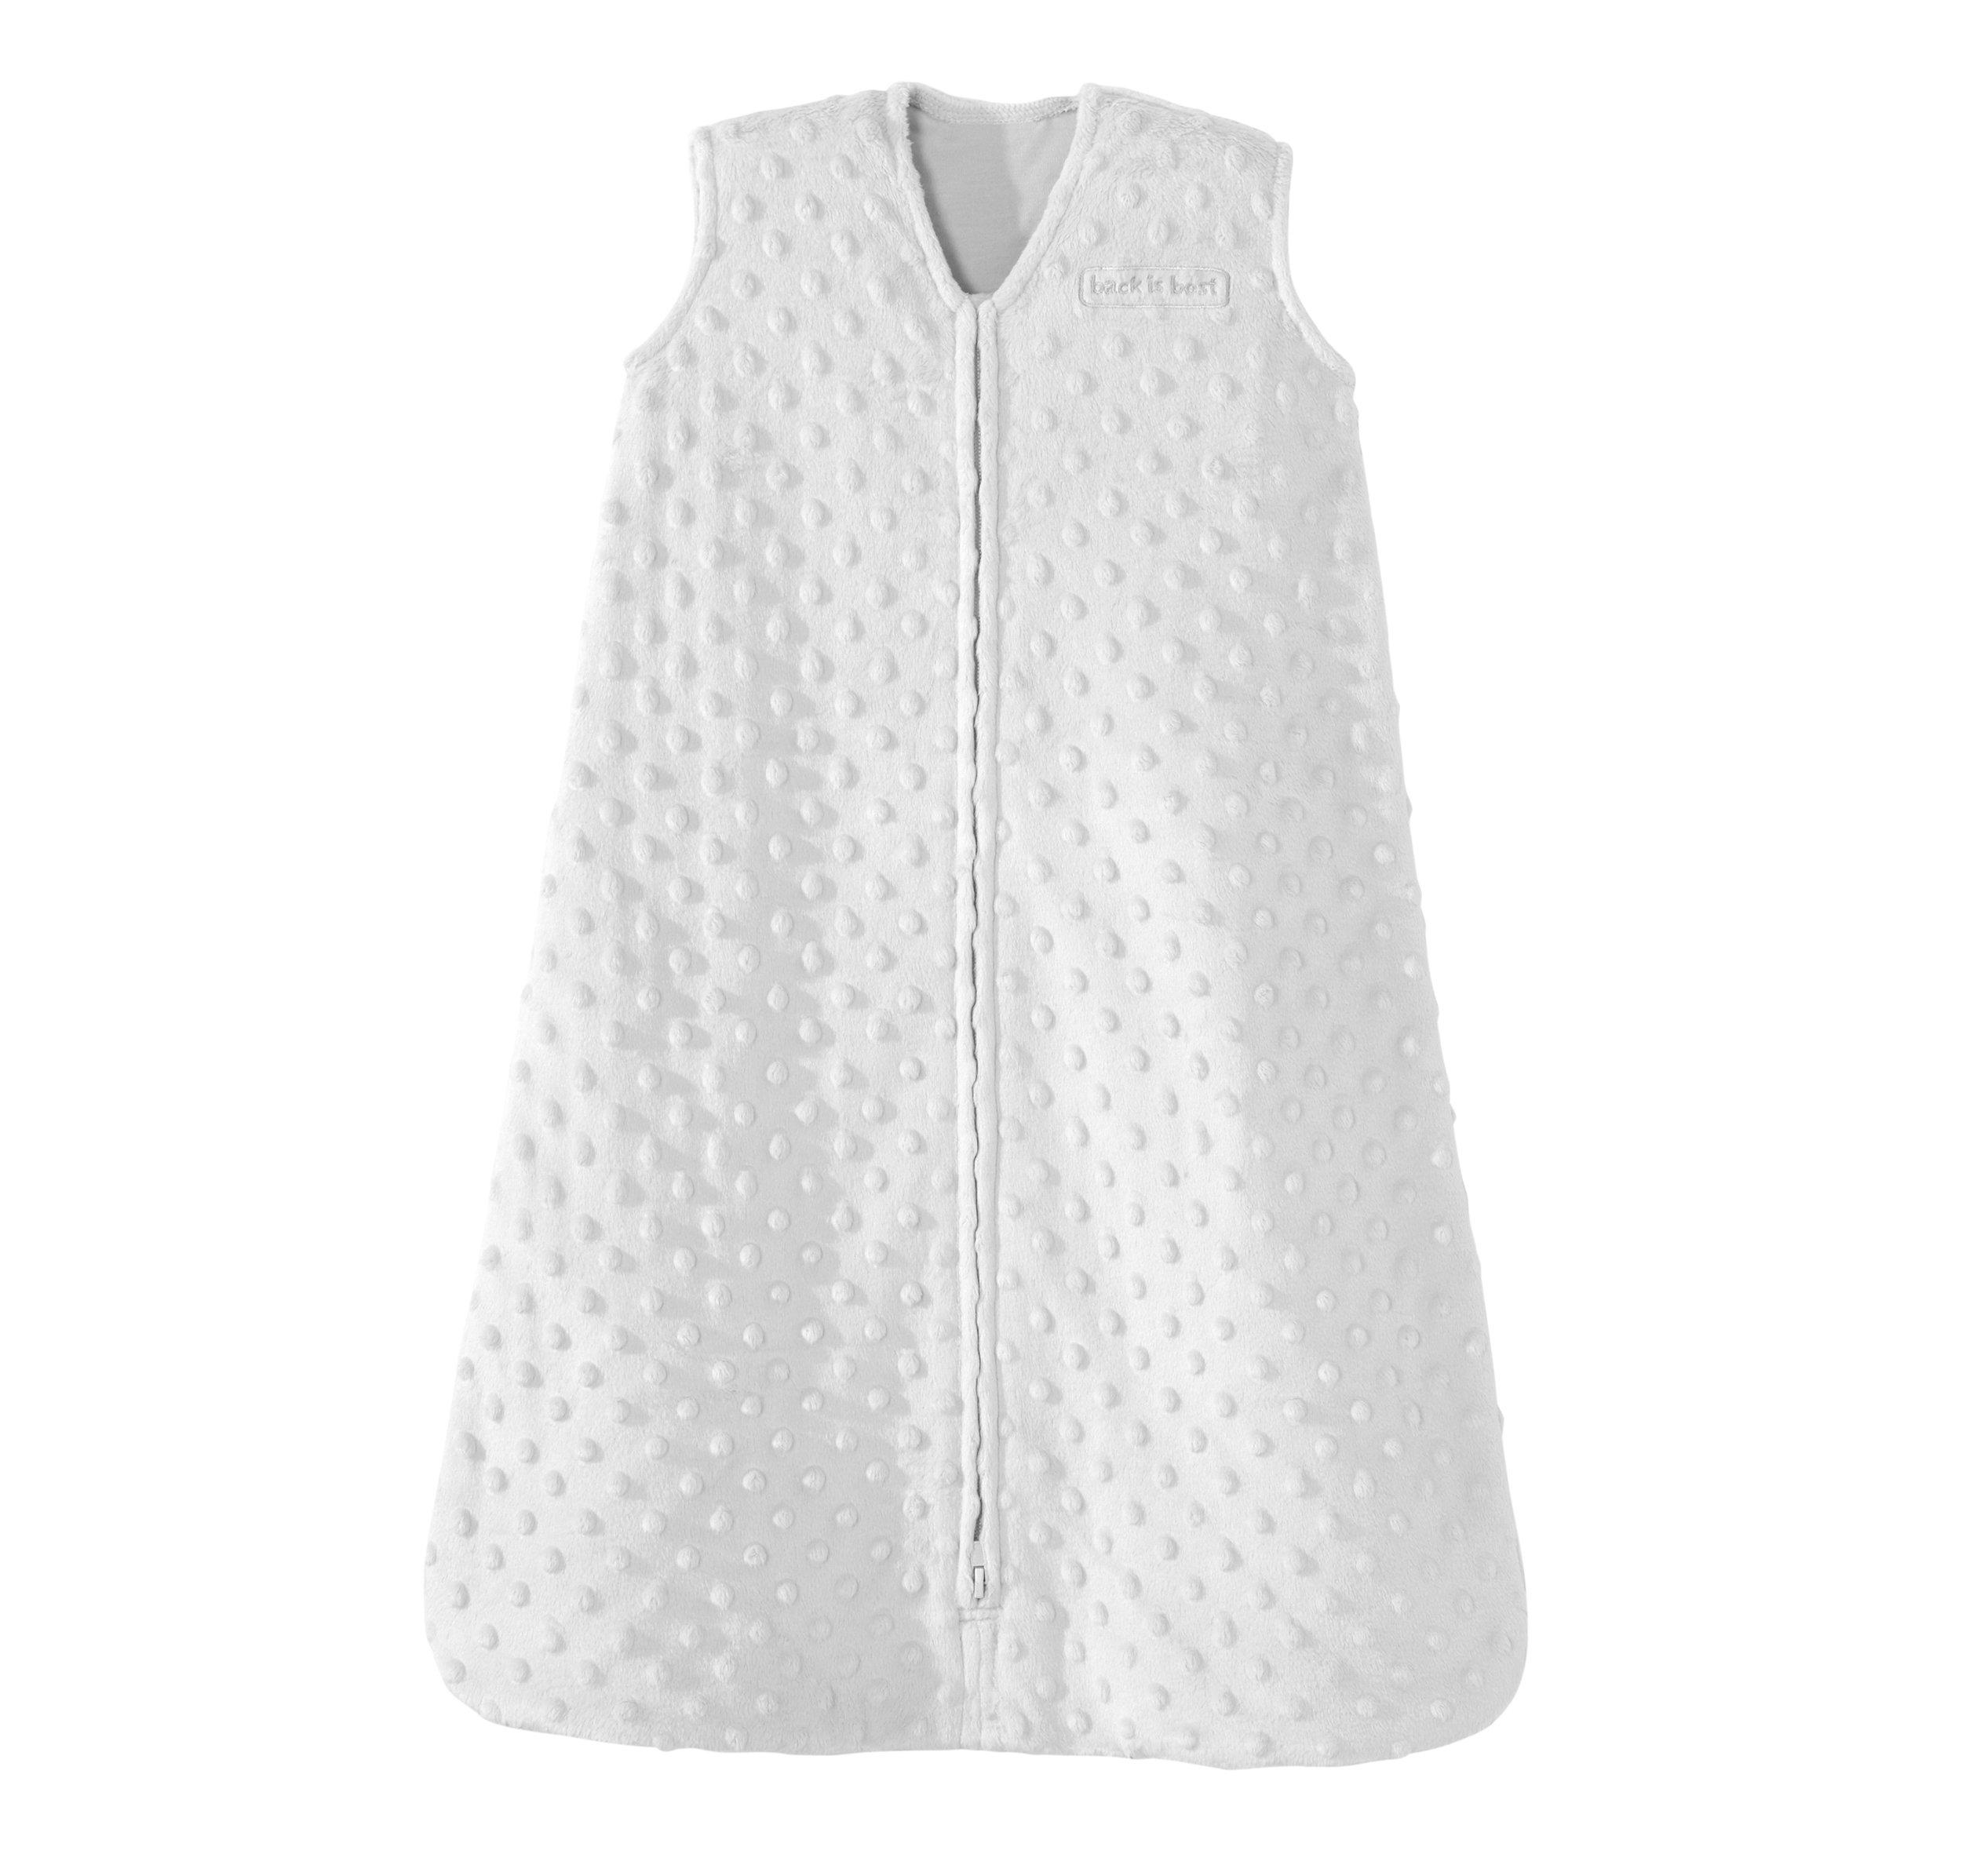 Halo SleepSack Plush Dot Velboa Wearable Blanket X Large Silver